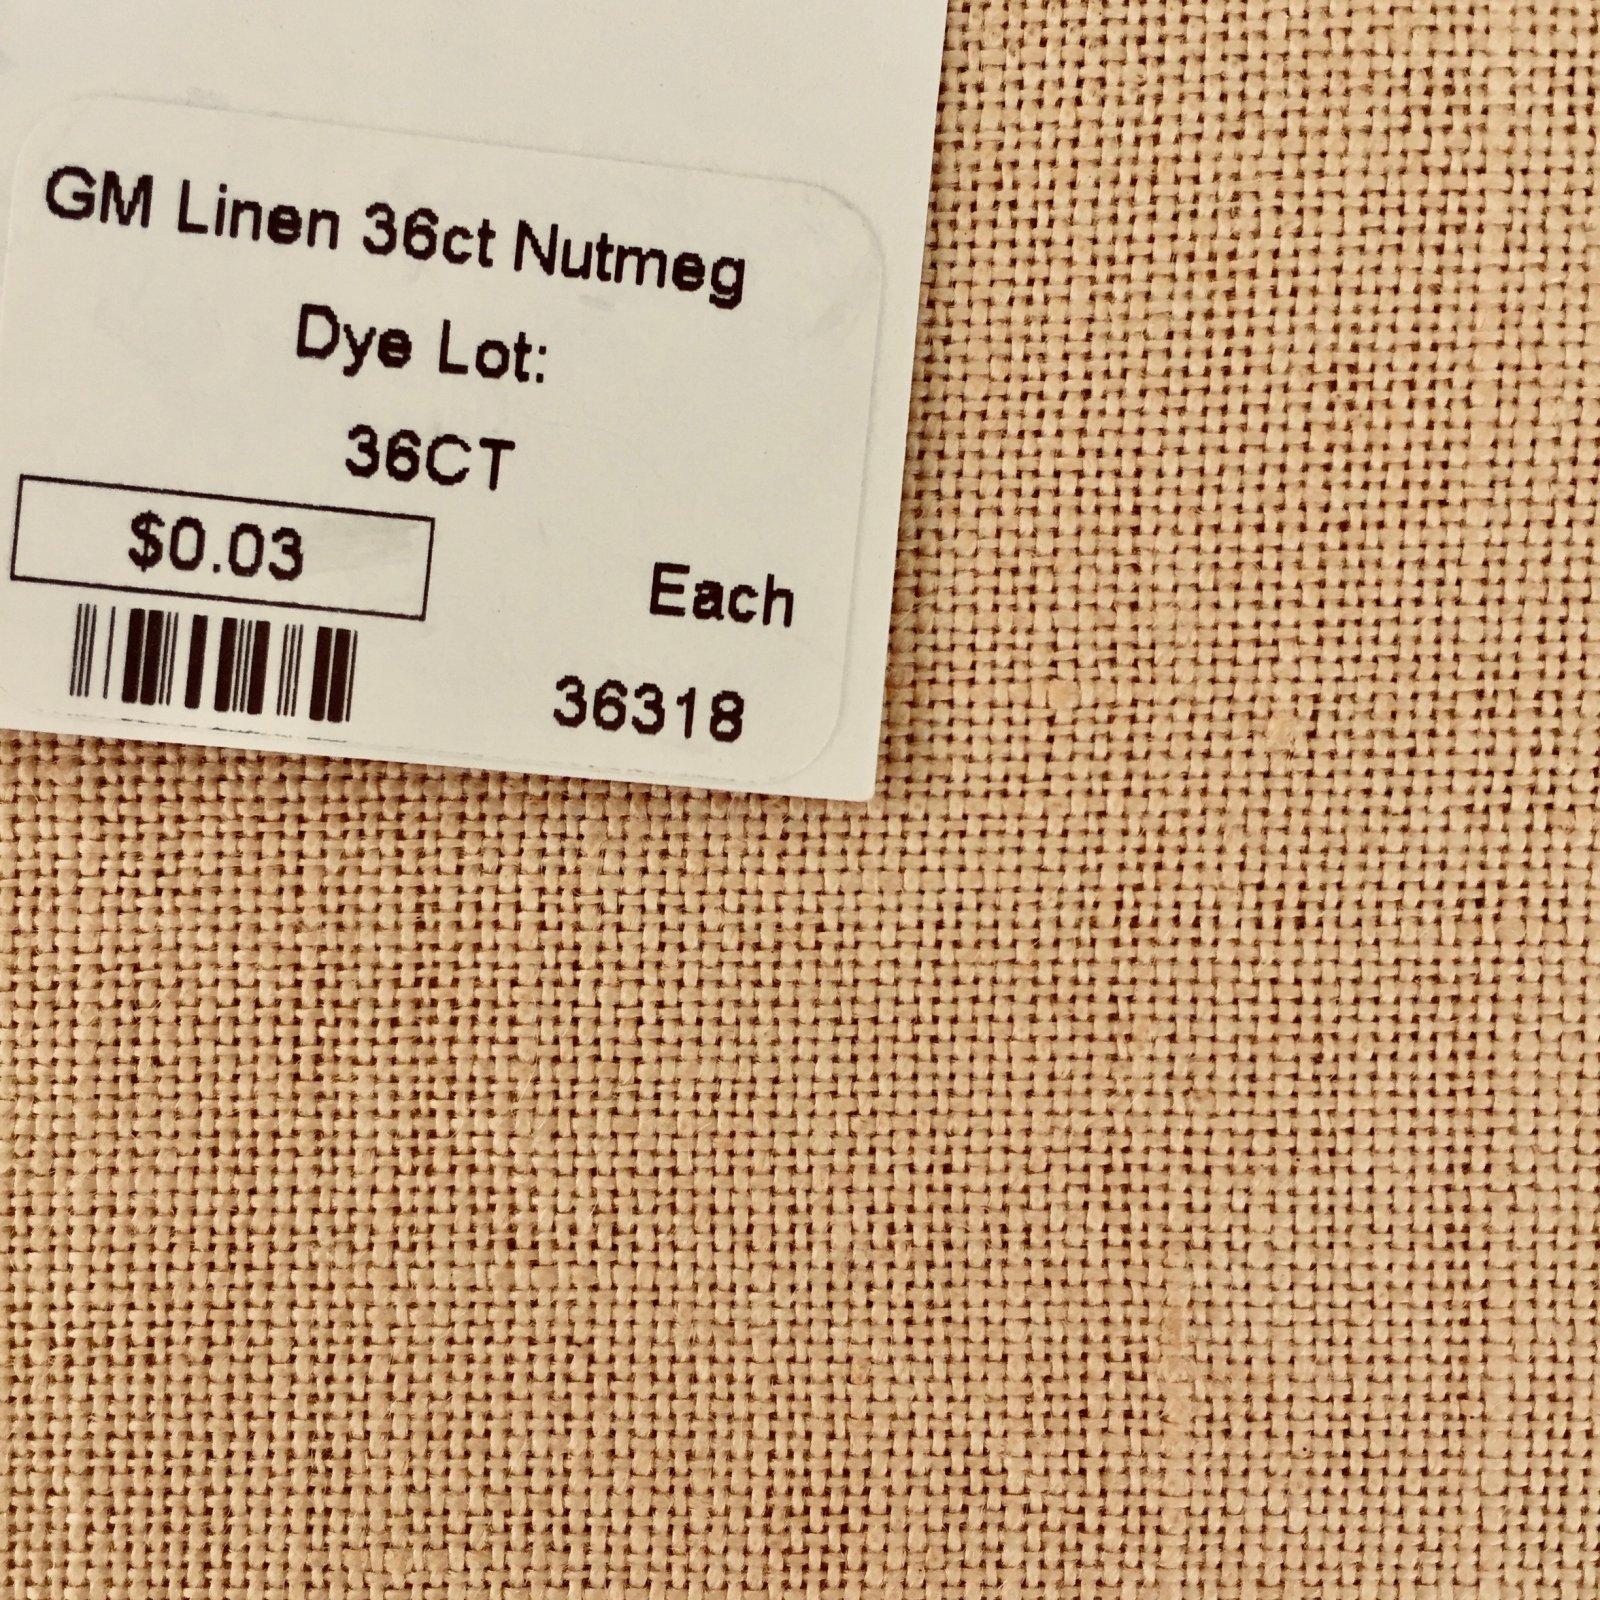 GM Linen 36ct Nutmeg